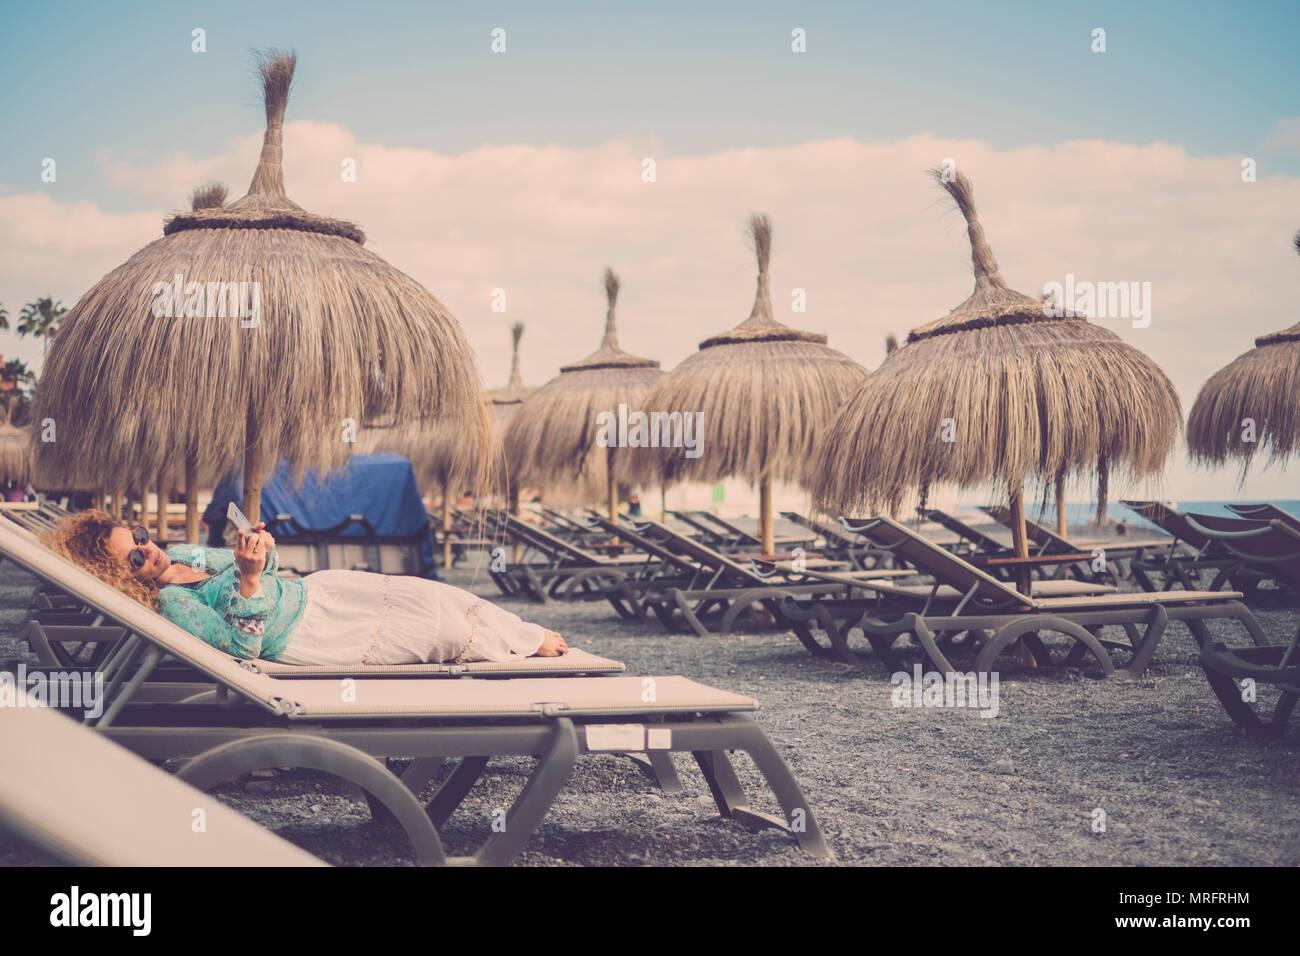 Hermosa mujer caucásica de la edad media a echarse sobre los asientos en la playa con sombrillas tropicales. Viajes y vacaciones resto concepto. Permanezca conectado ingenio Imagen De Stock